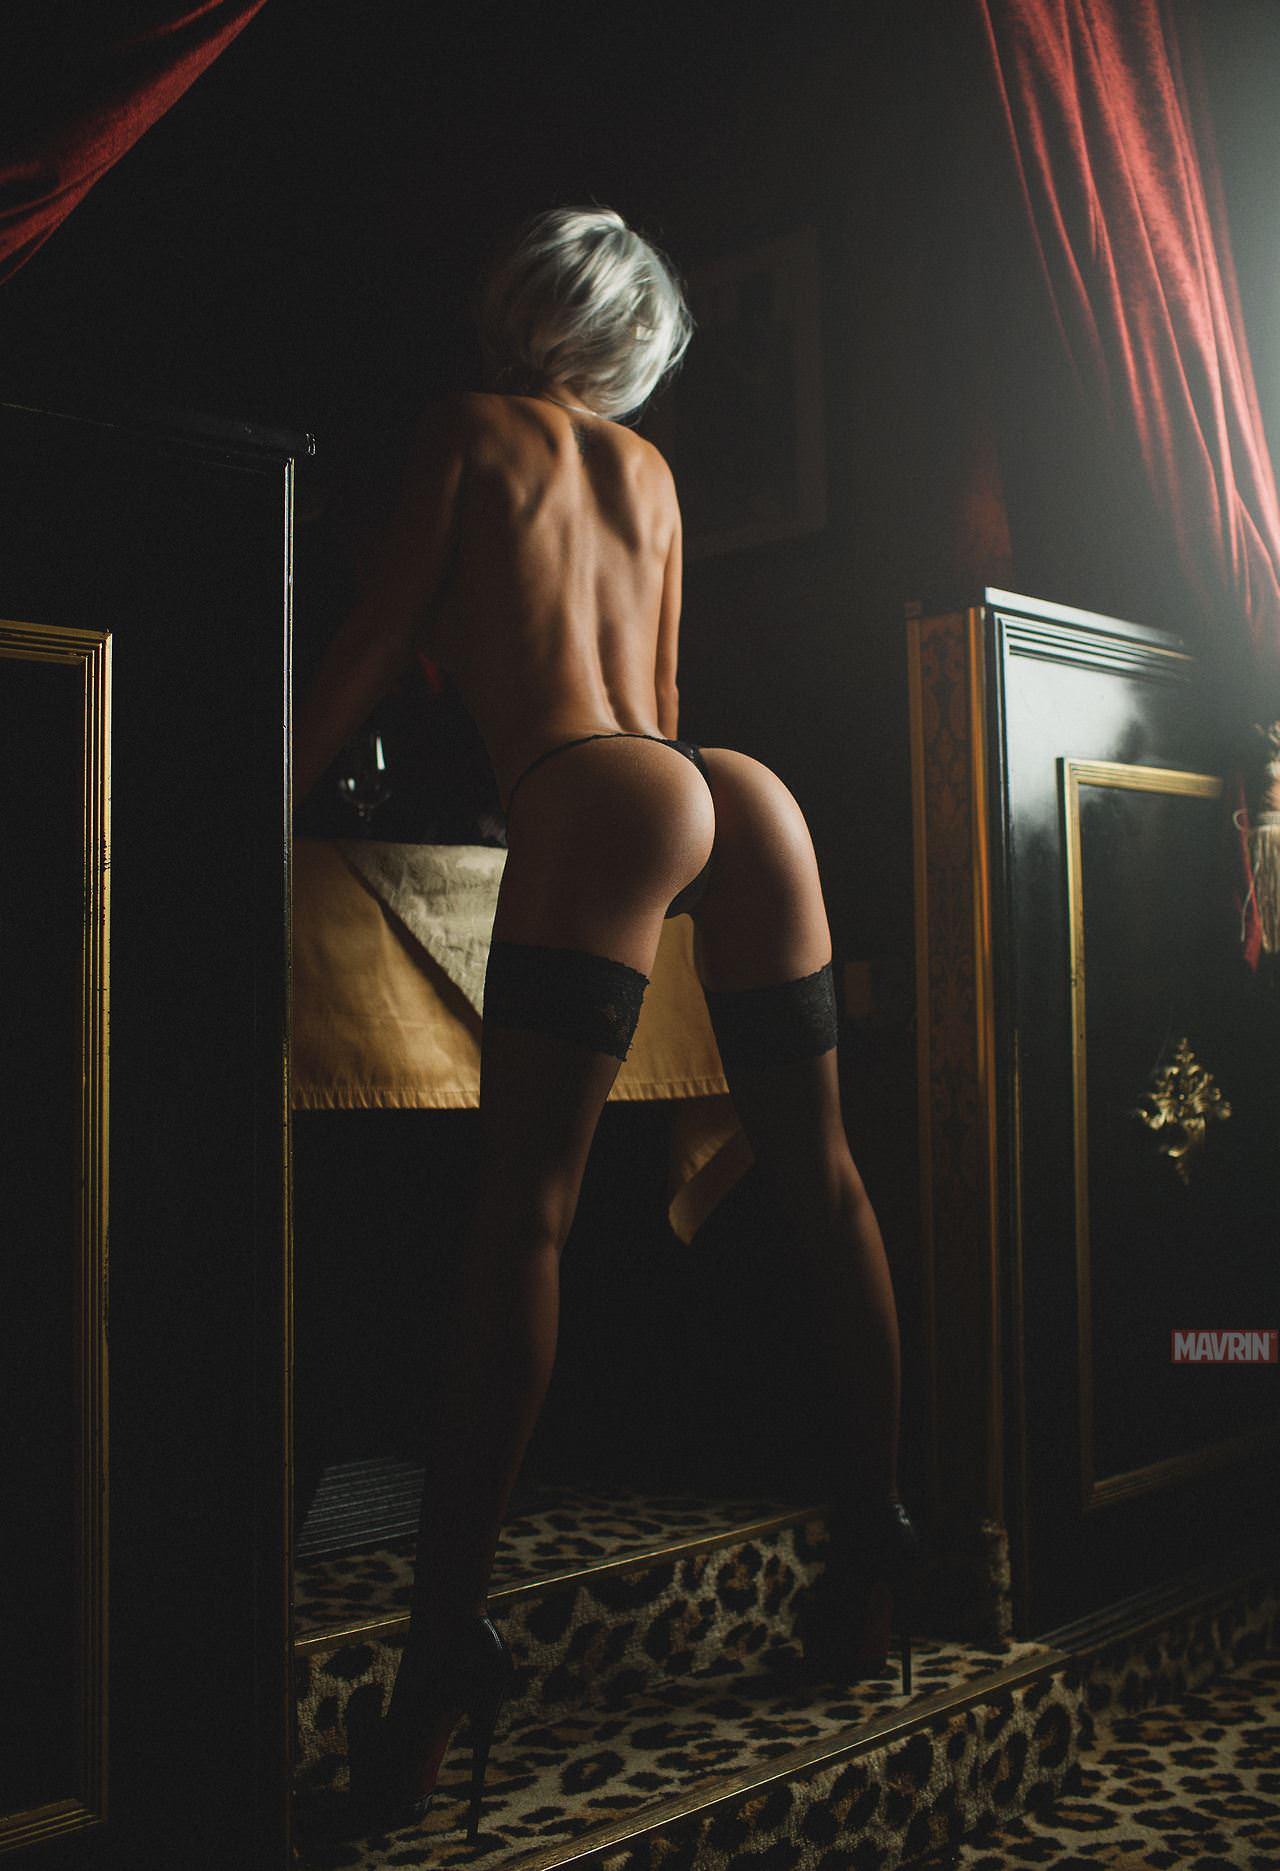 【外人】プリップリのおっぱいやお尻が美味しそうなロシア人美女のポルノ画像 2747